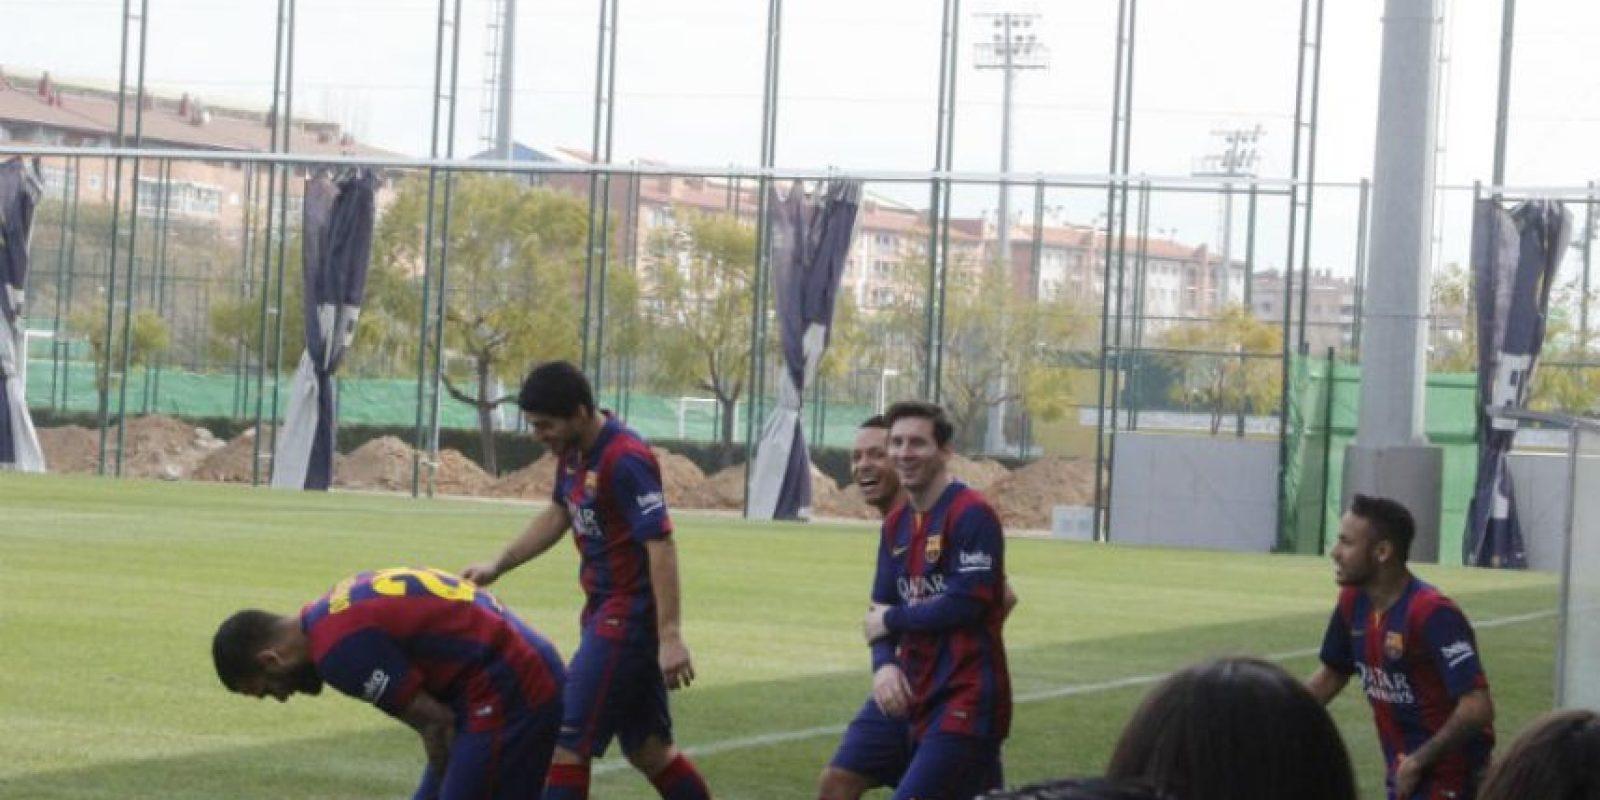 Barcelona tendrá una retribución de 13.3 millones de euros anuales Foto:Ramón Mompió